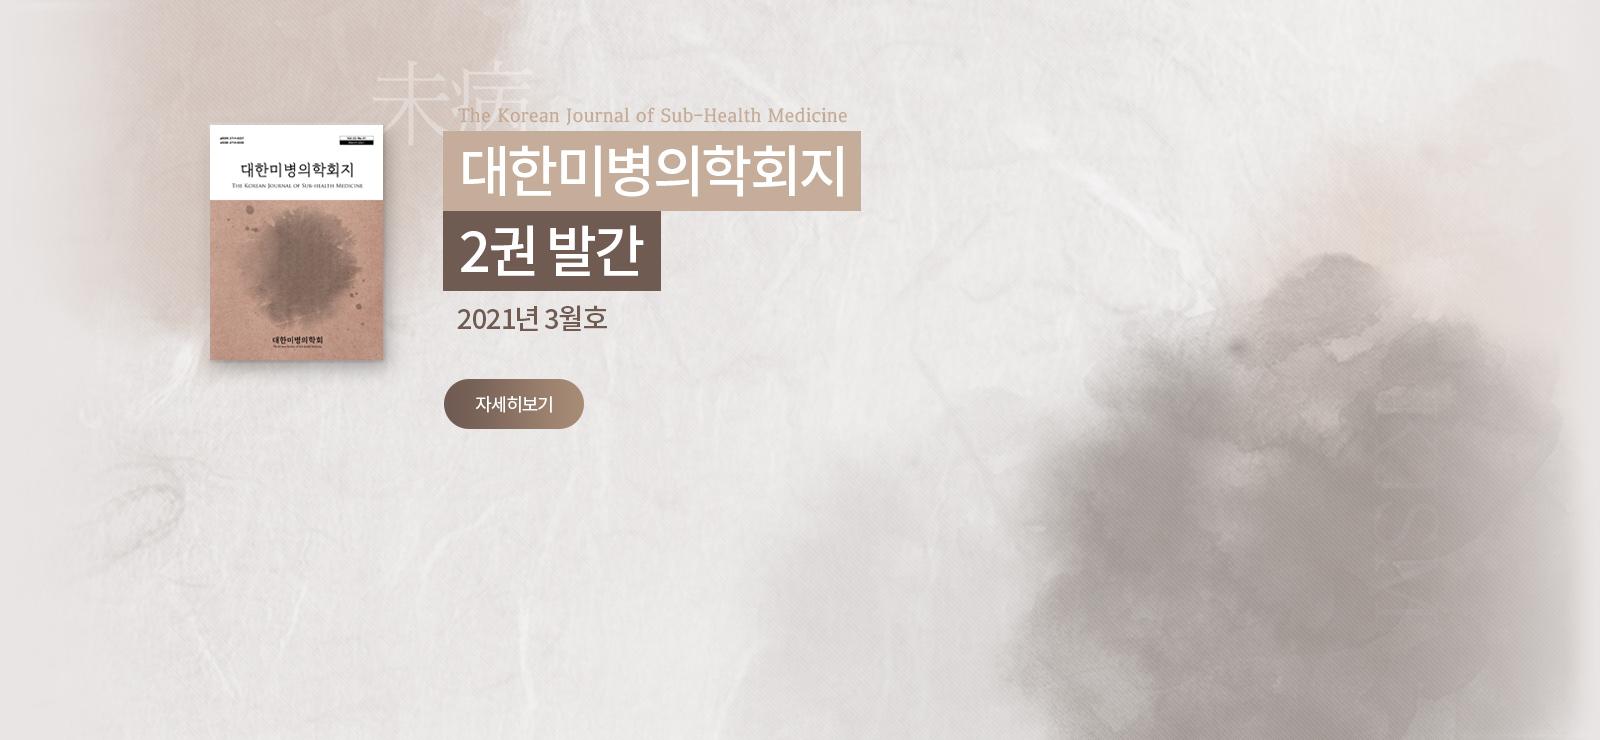 대한미병의학회지 창간호 발간(2021년 3월호)